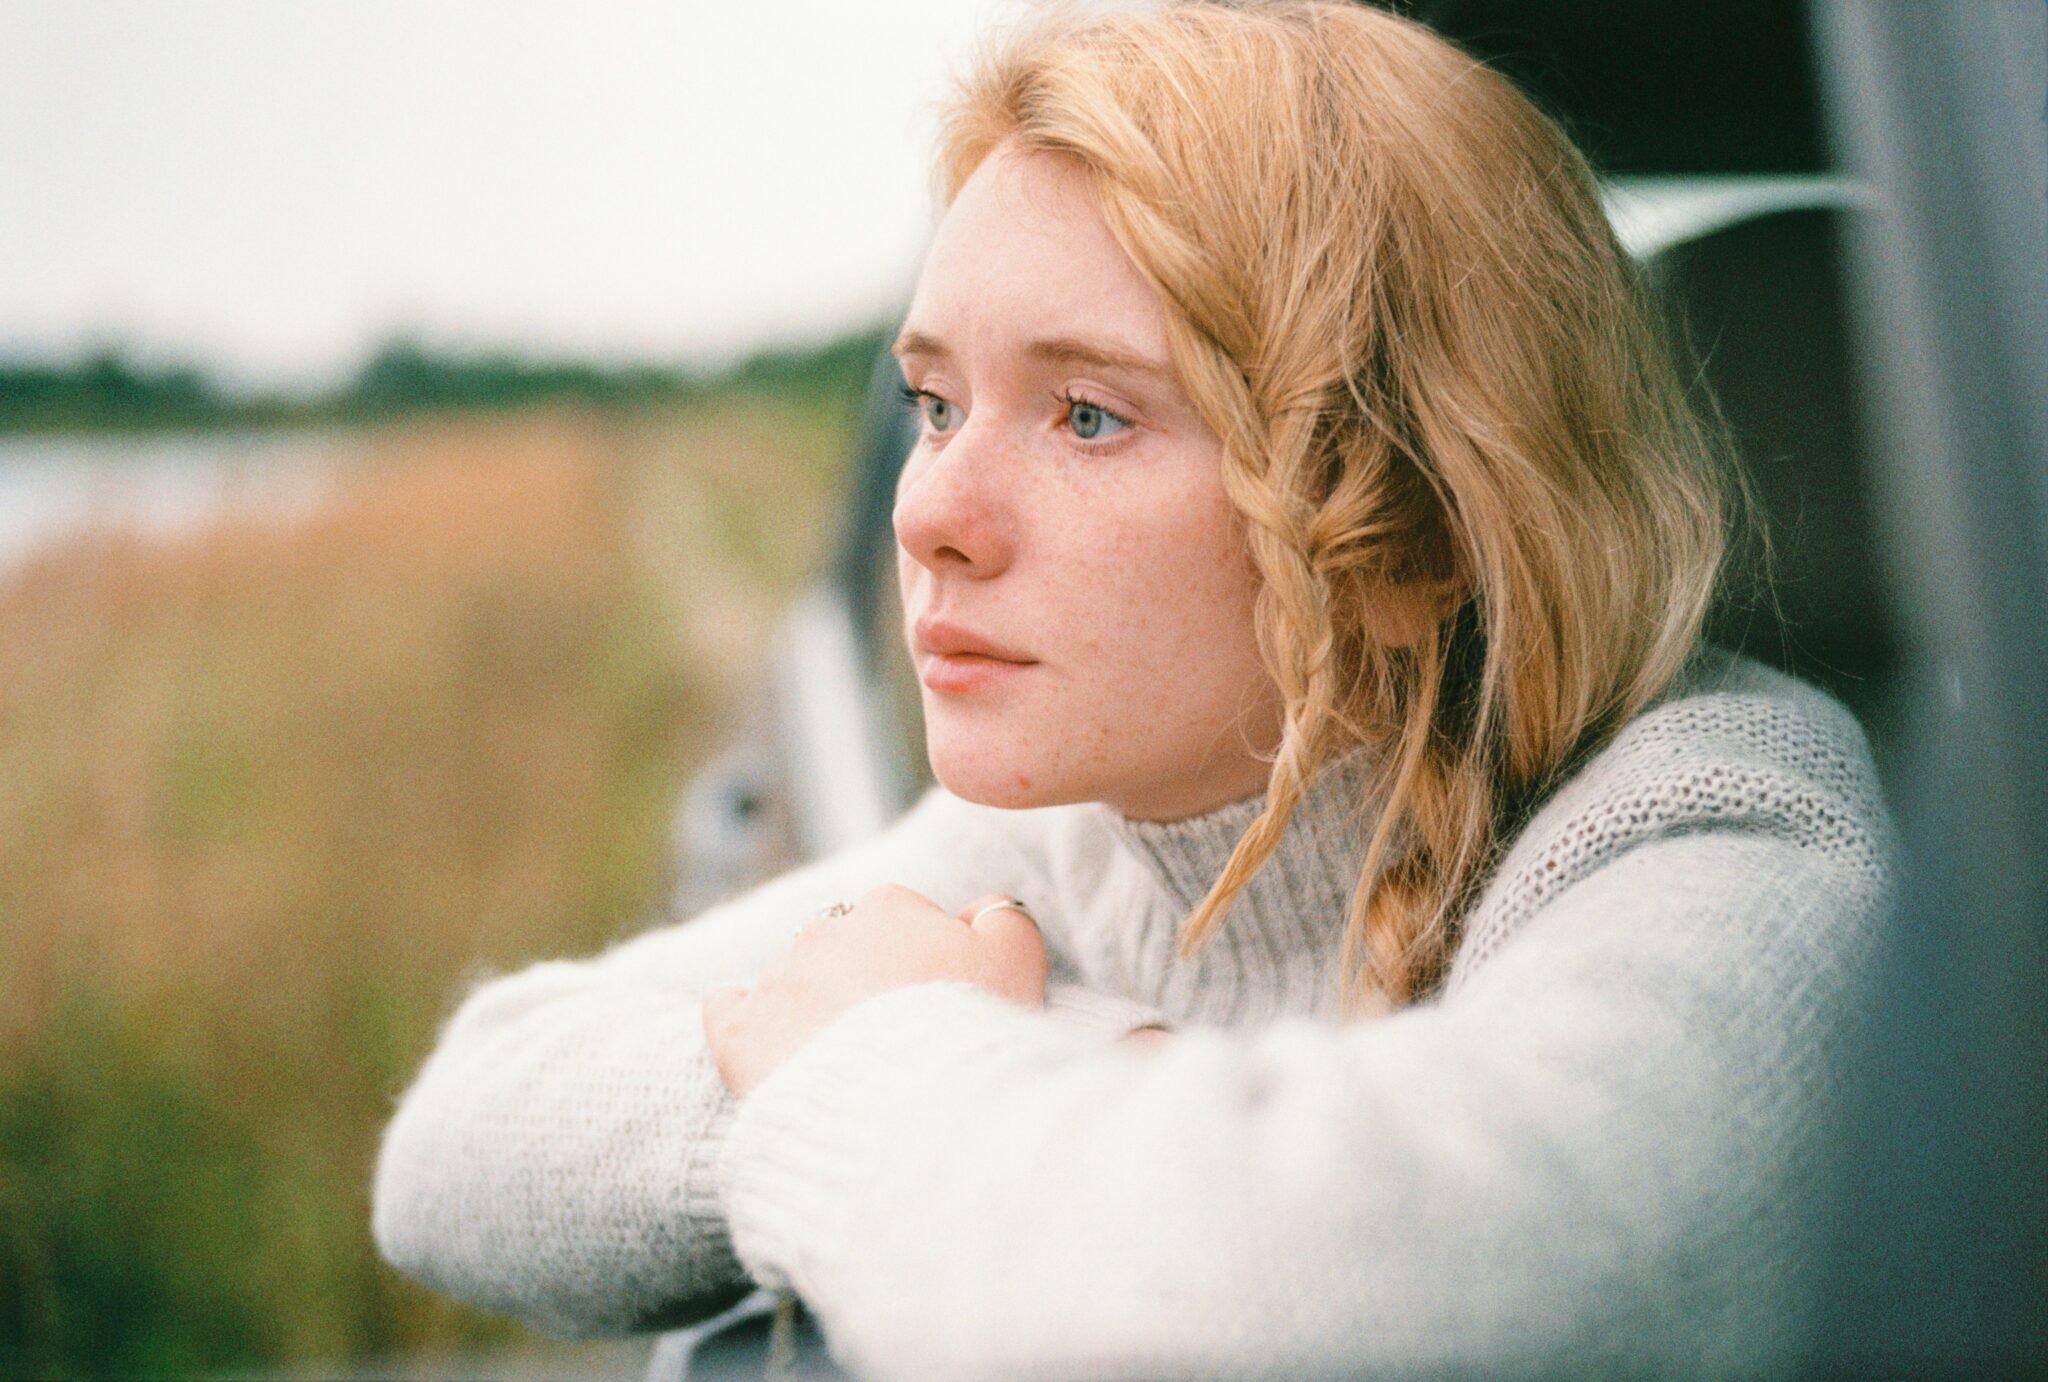 Eine blonde junge Frau schaut nachdenklich aus einem Auto auf ein Feld hinaus